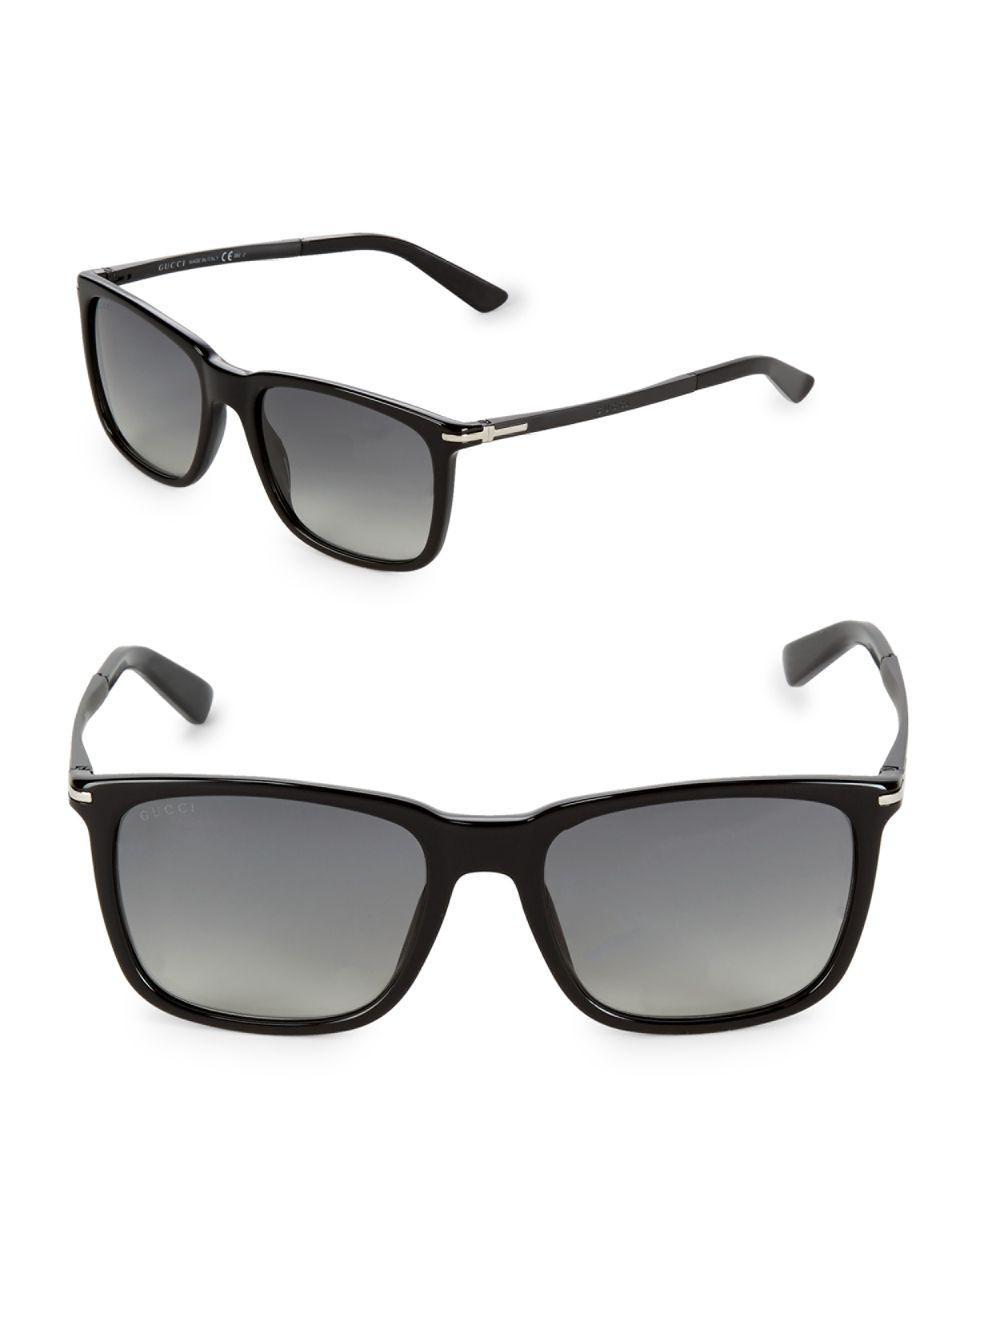 671e6e701e390 Gucci Gradient 55mm Wayfarer Sunglasses in Black - Lyst